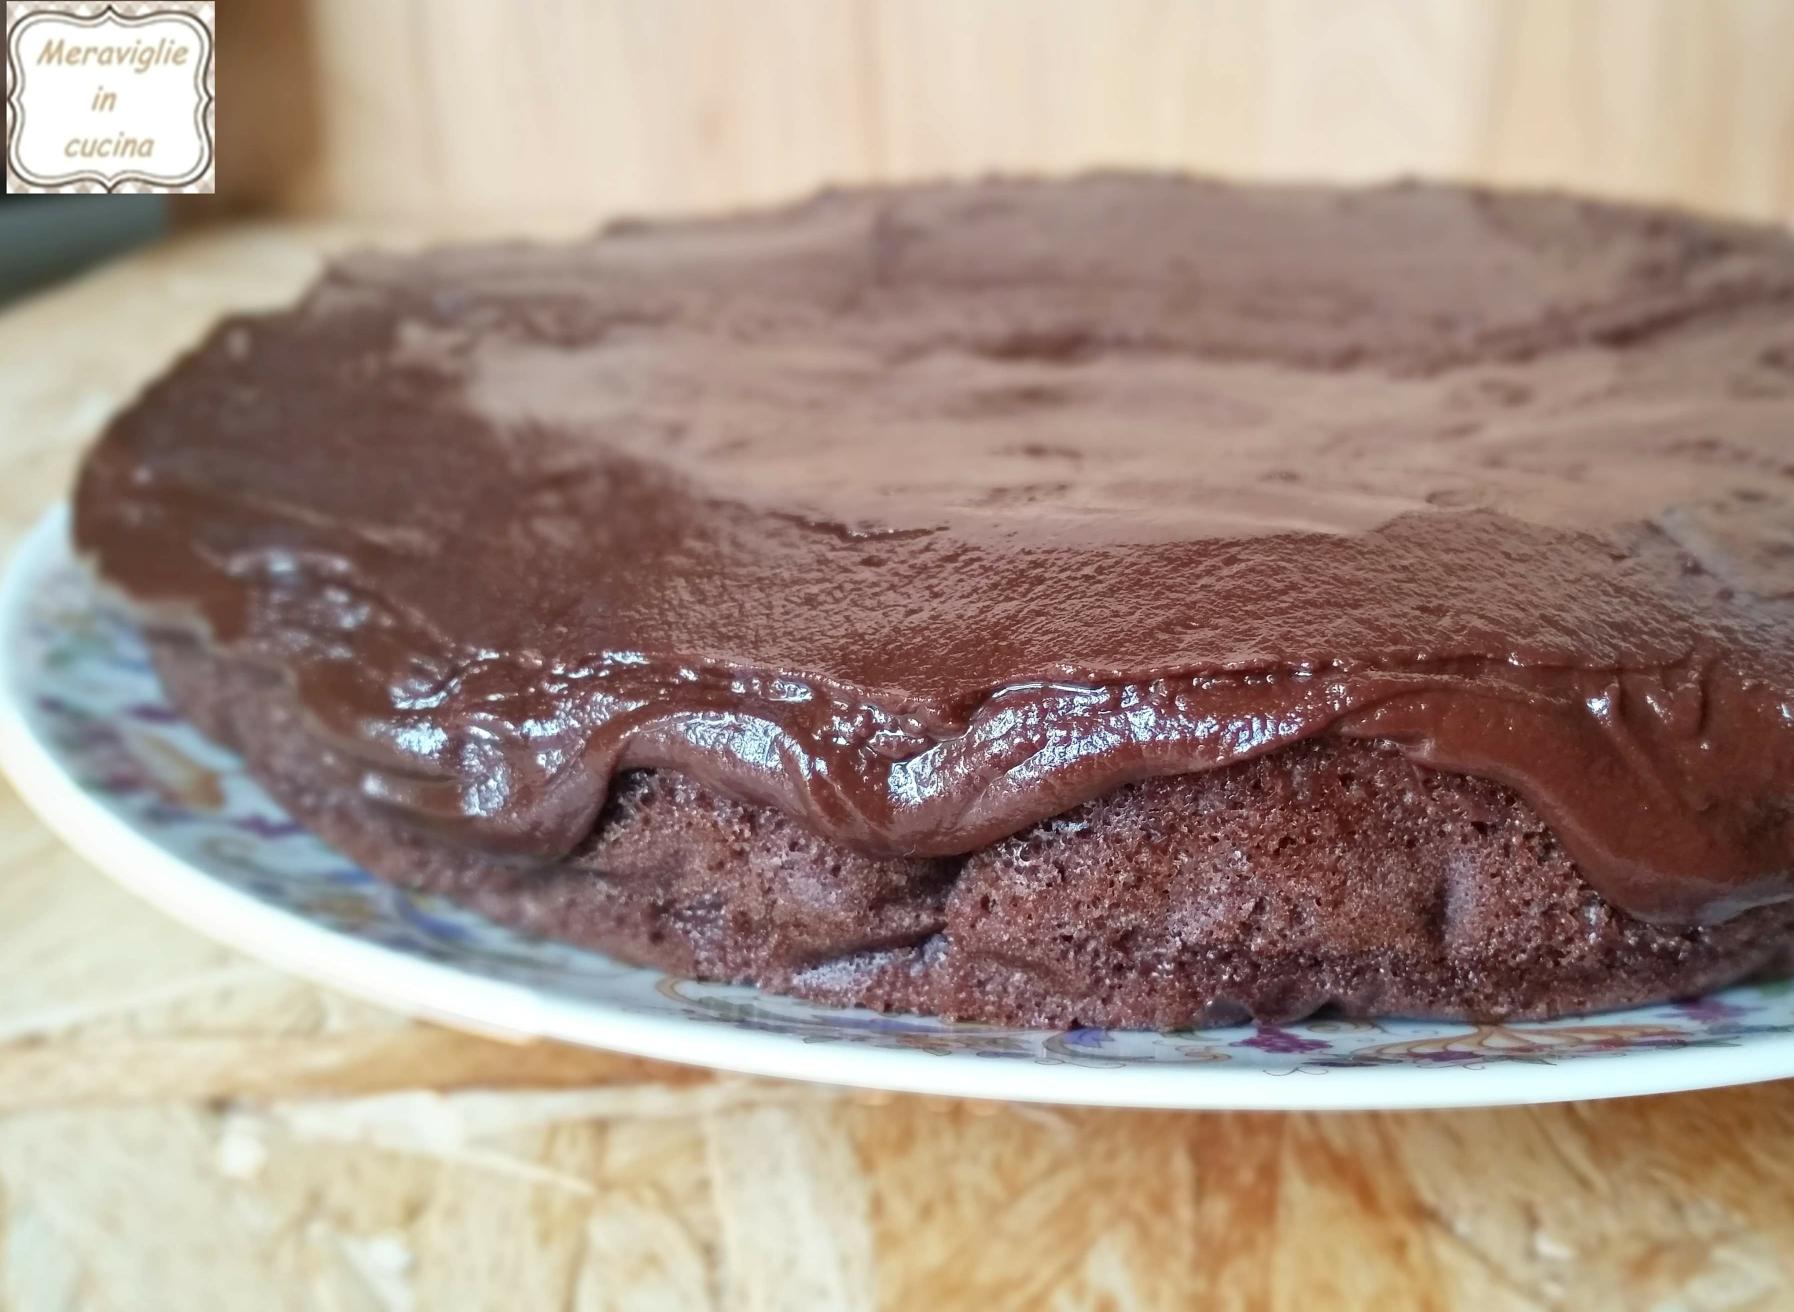 Torta Al Cioccolato Con Acqua.Torta All Acqua Al Cacao Con Glassa Al Cioccolato